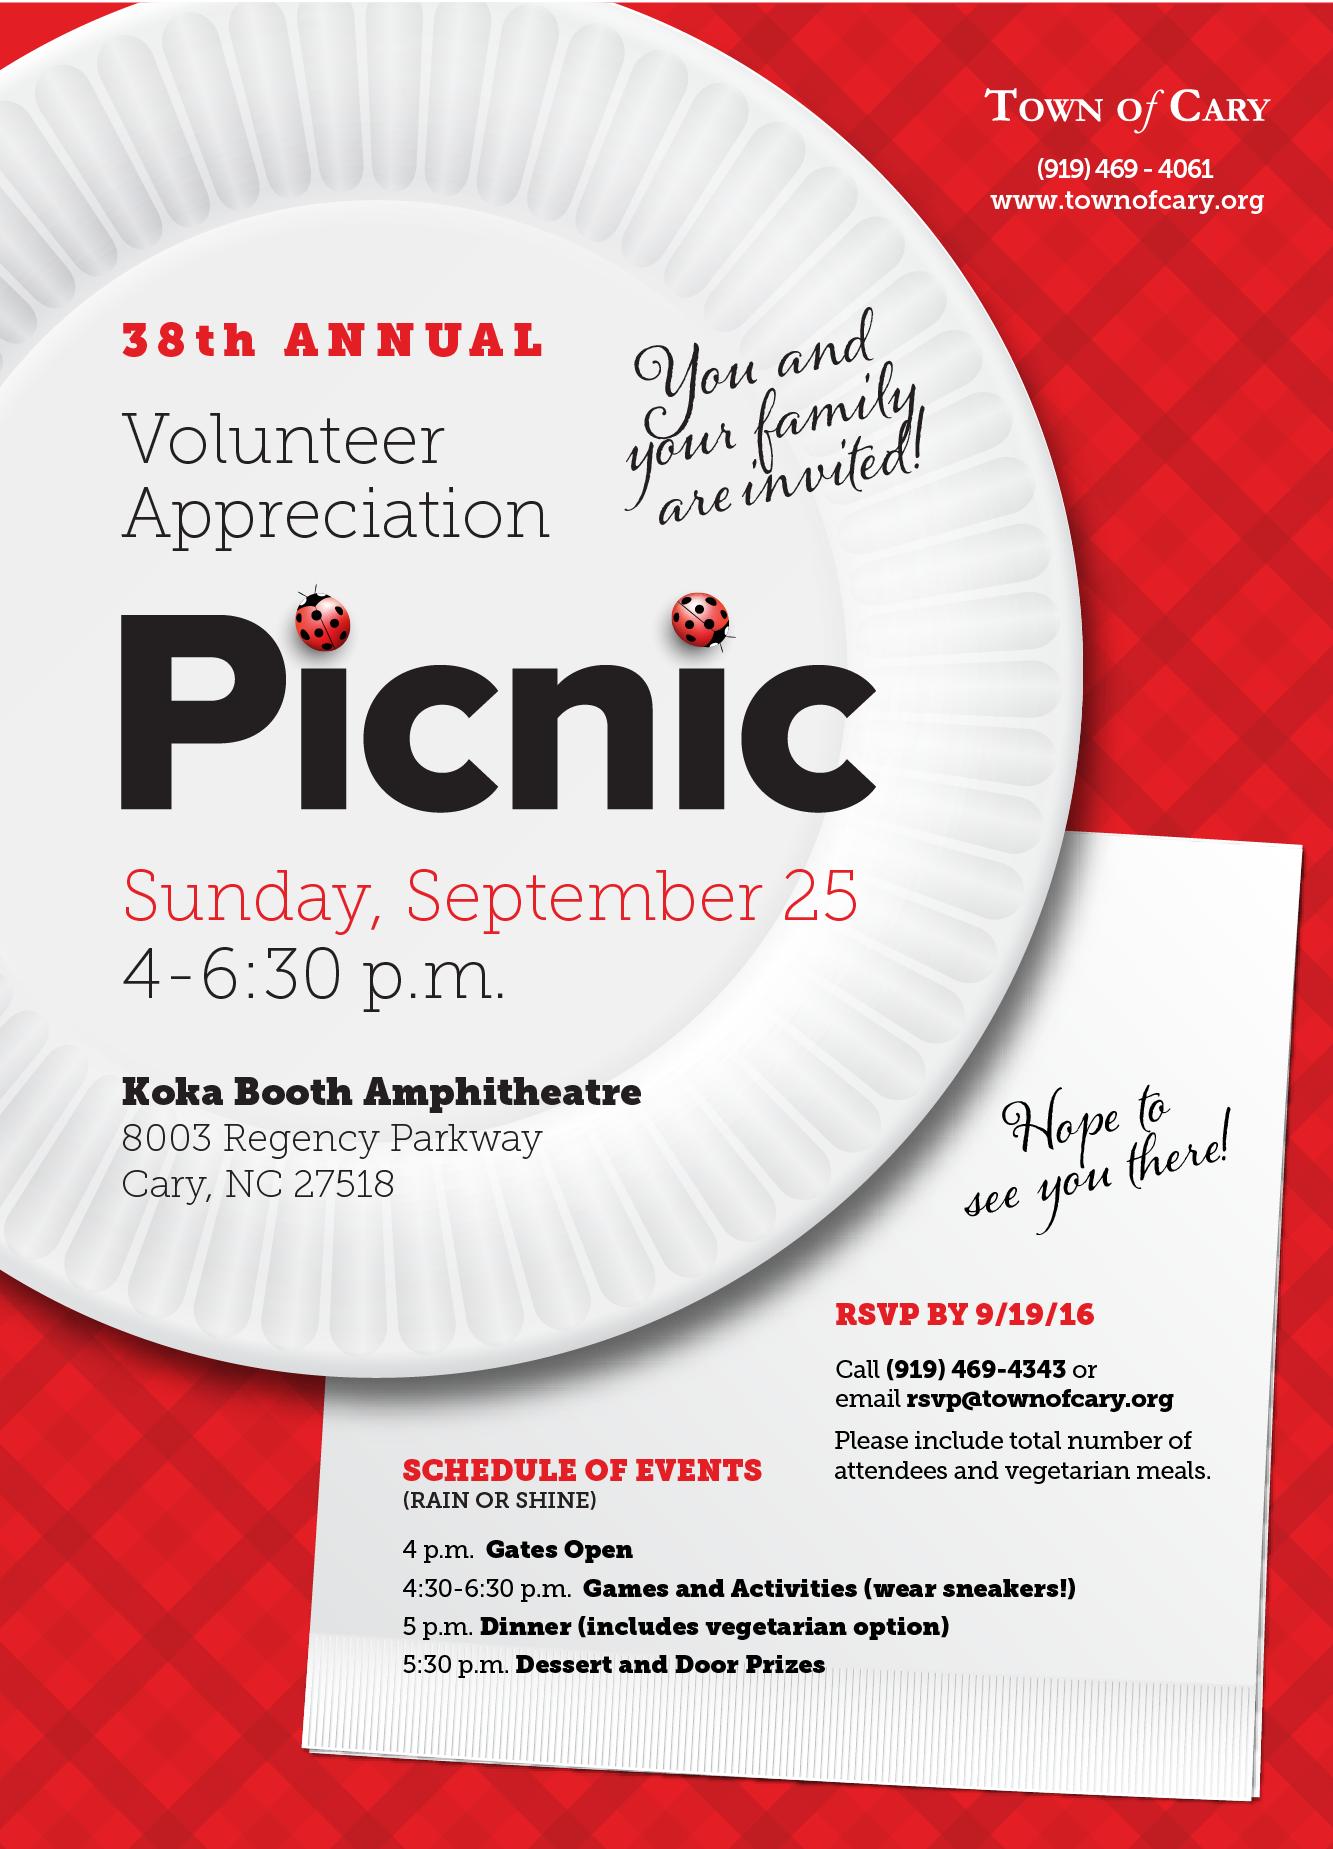 vol picnic 2016